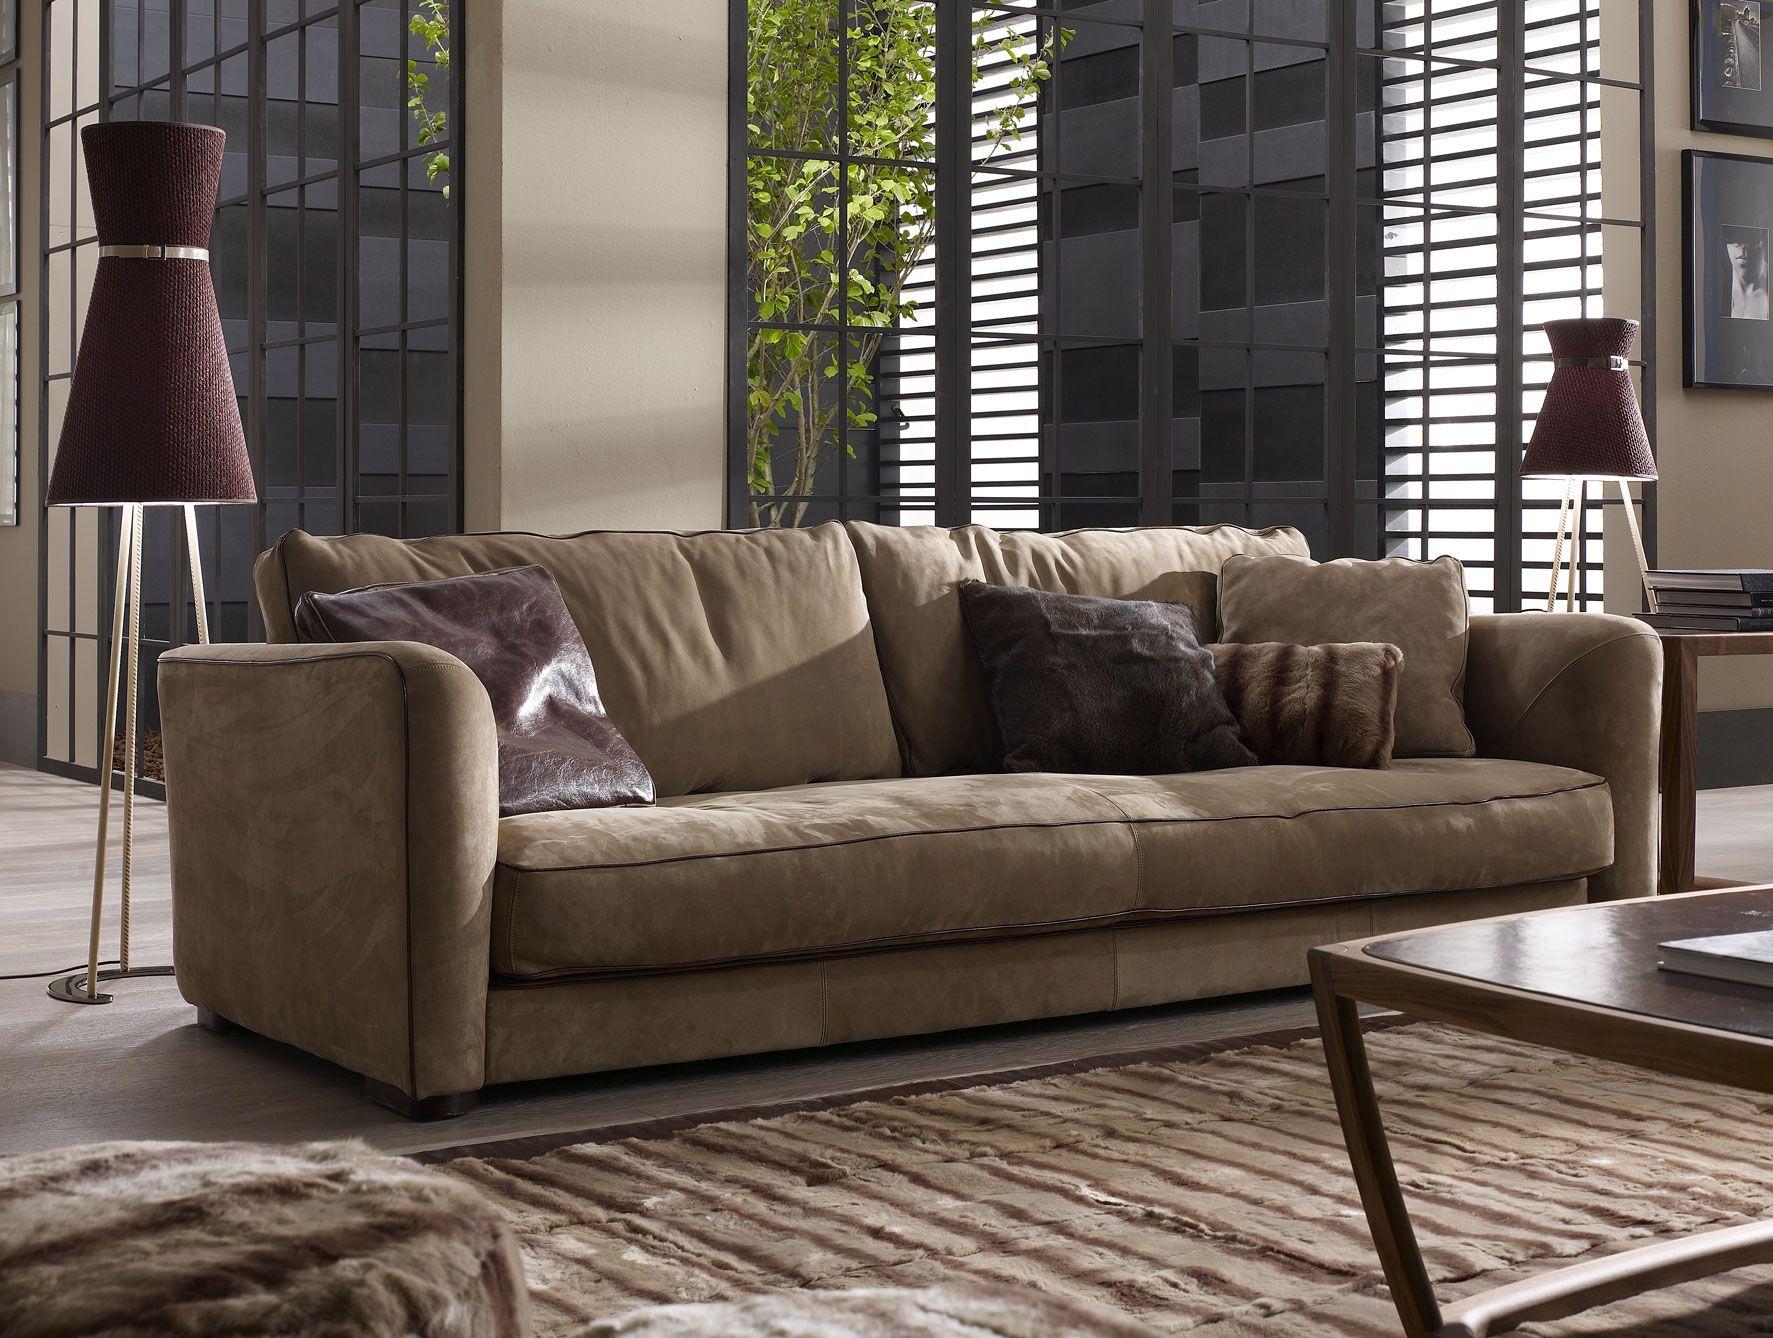 Nella Vetrina Ulivi Tommy Modern Italian Brown Leather Sofa Sofa Furniture Furniture Brown Leather Sofa